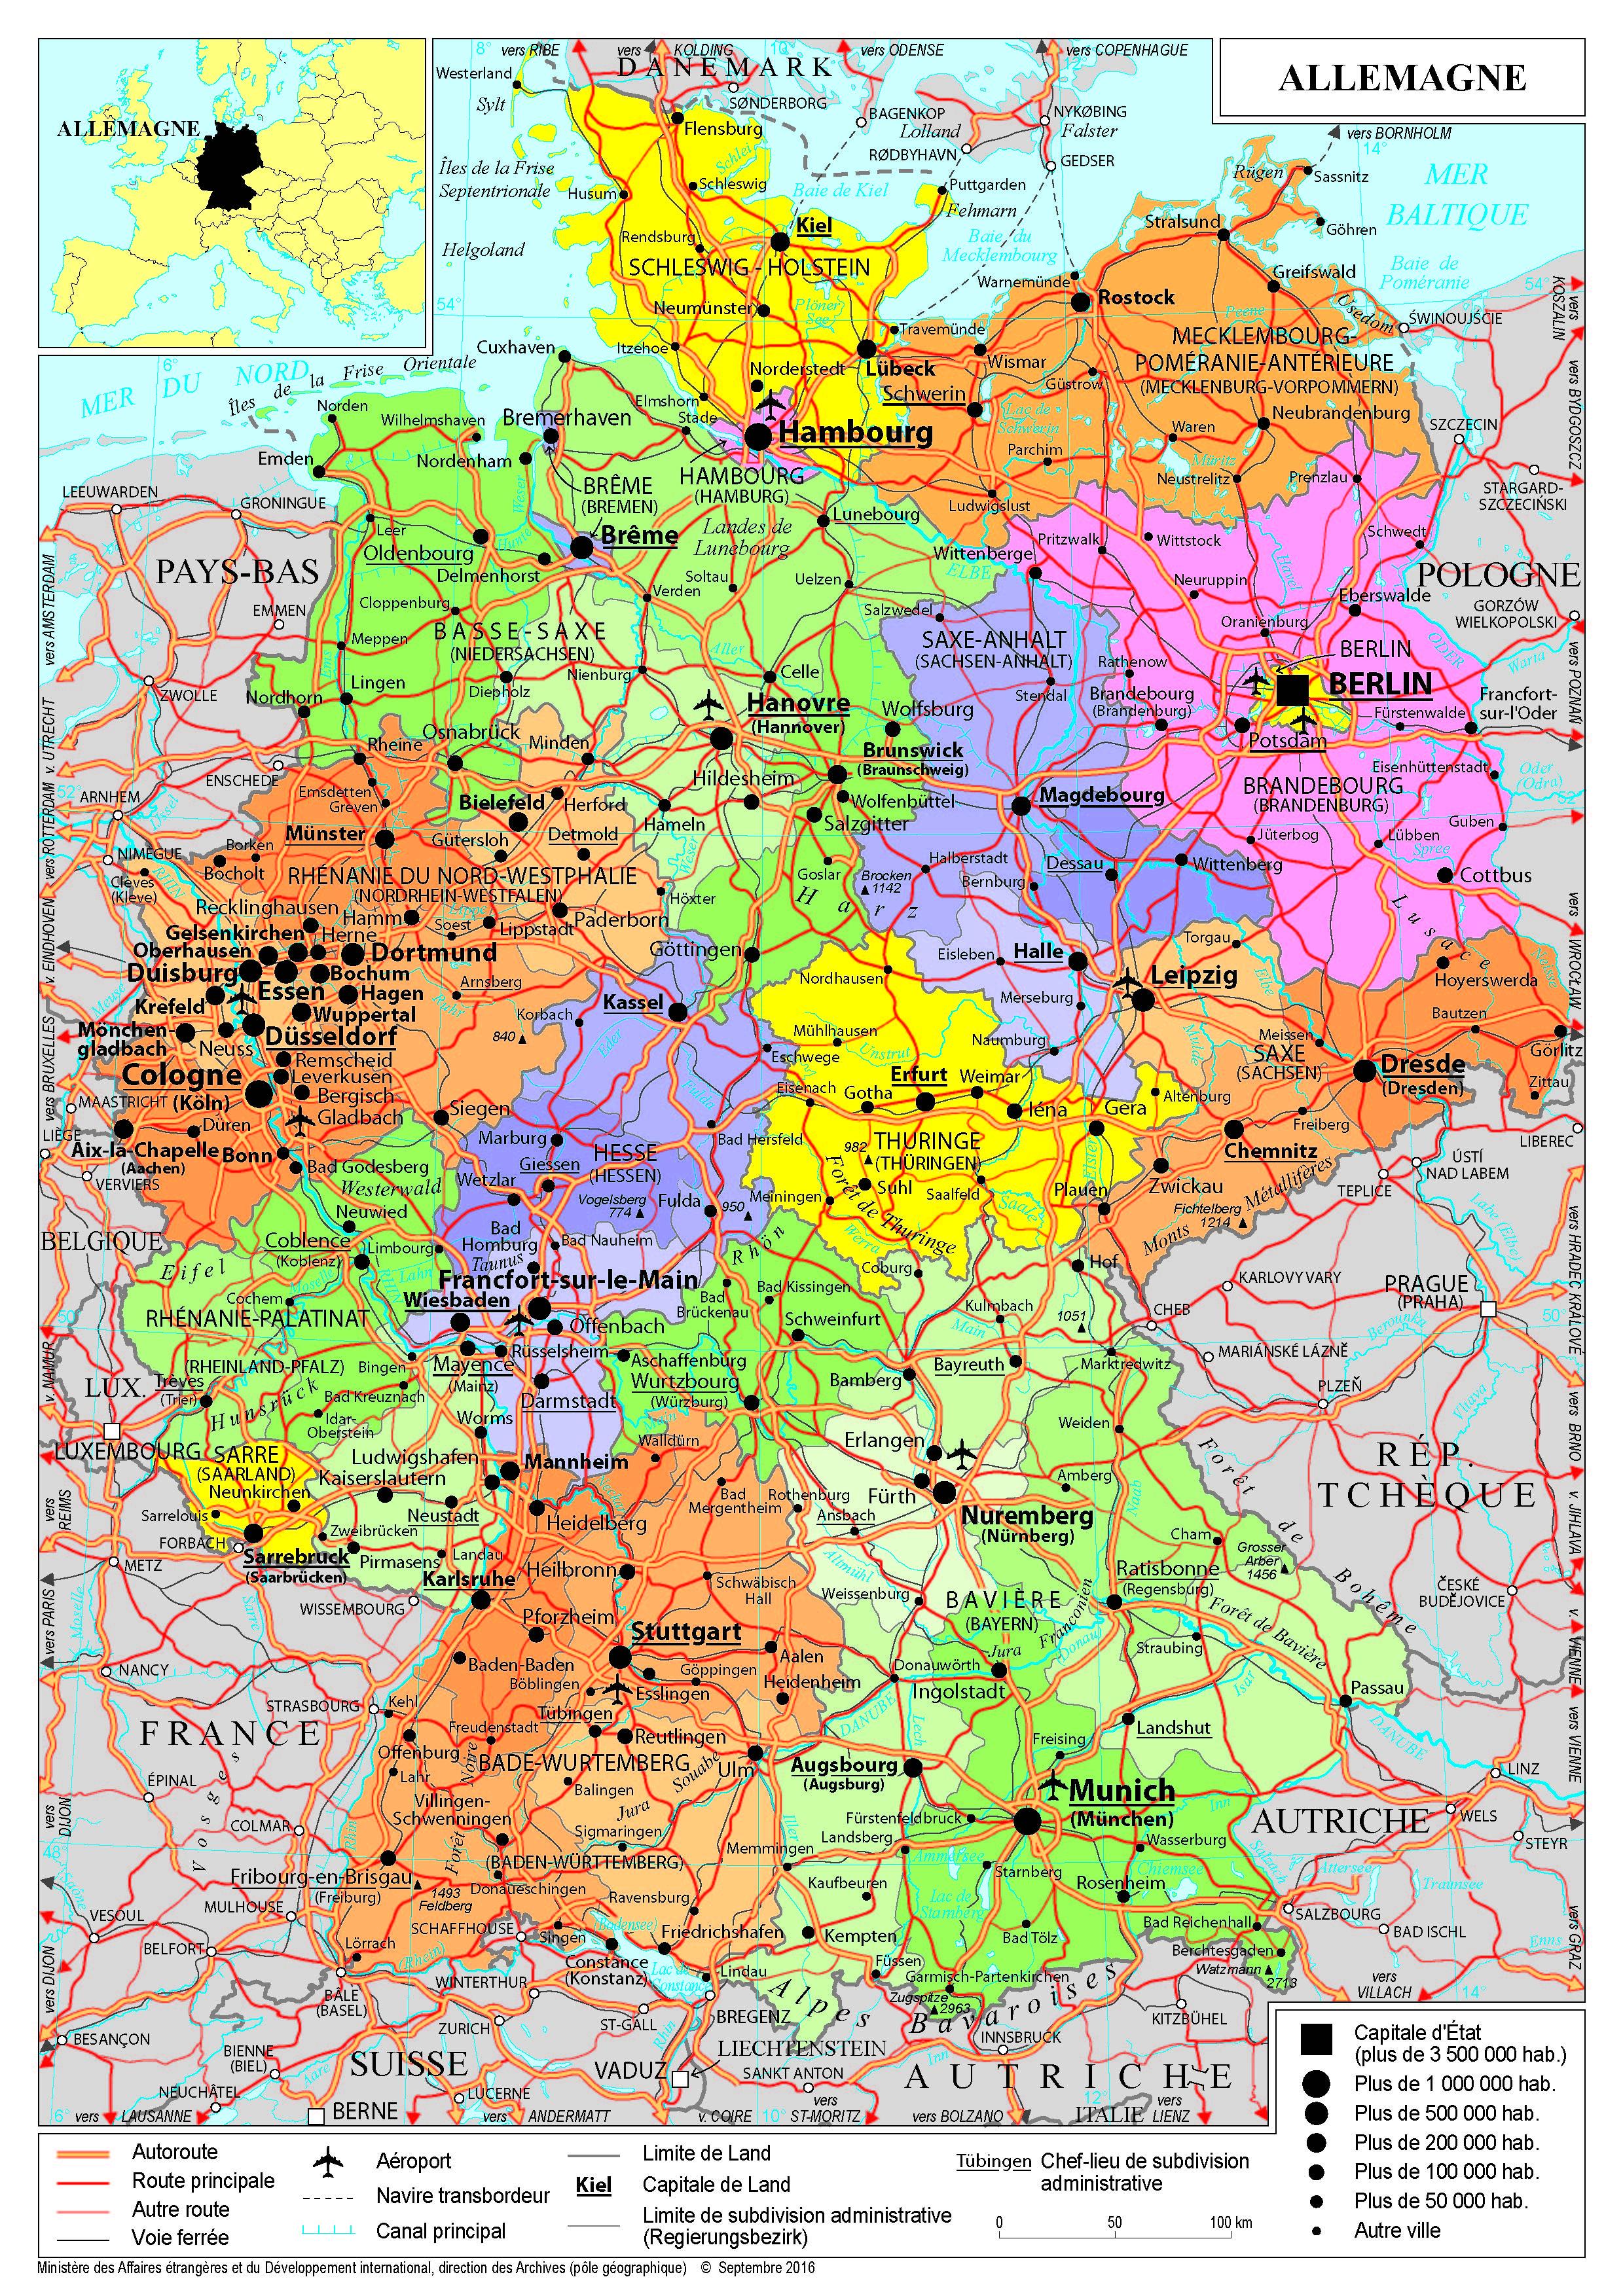 Image D Allemagne présentation de l'allemagne